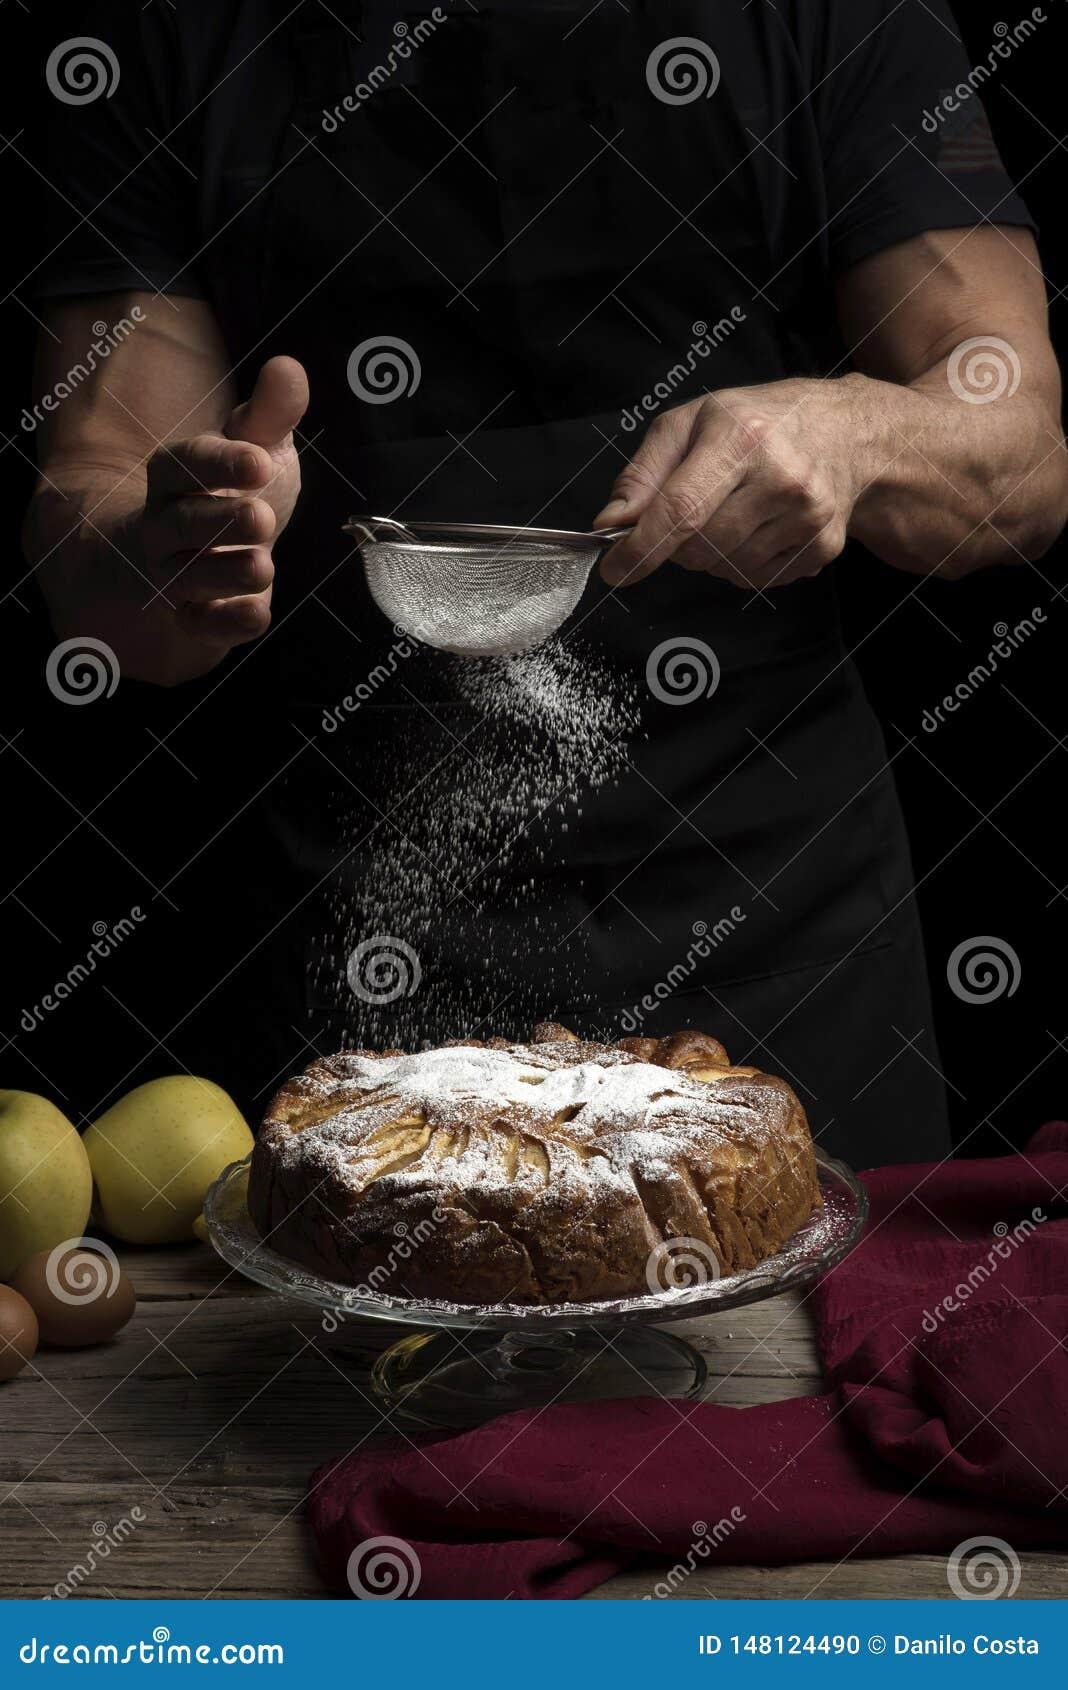 Apfelkuchen mit Puderzucker auf dunklem Hintergrund und Mann im Schutzblech